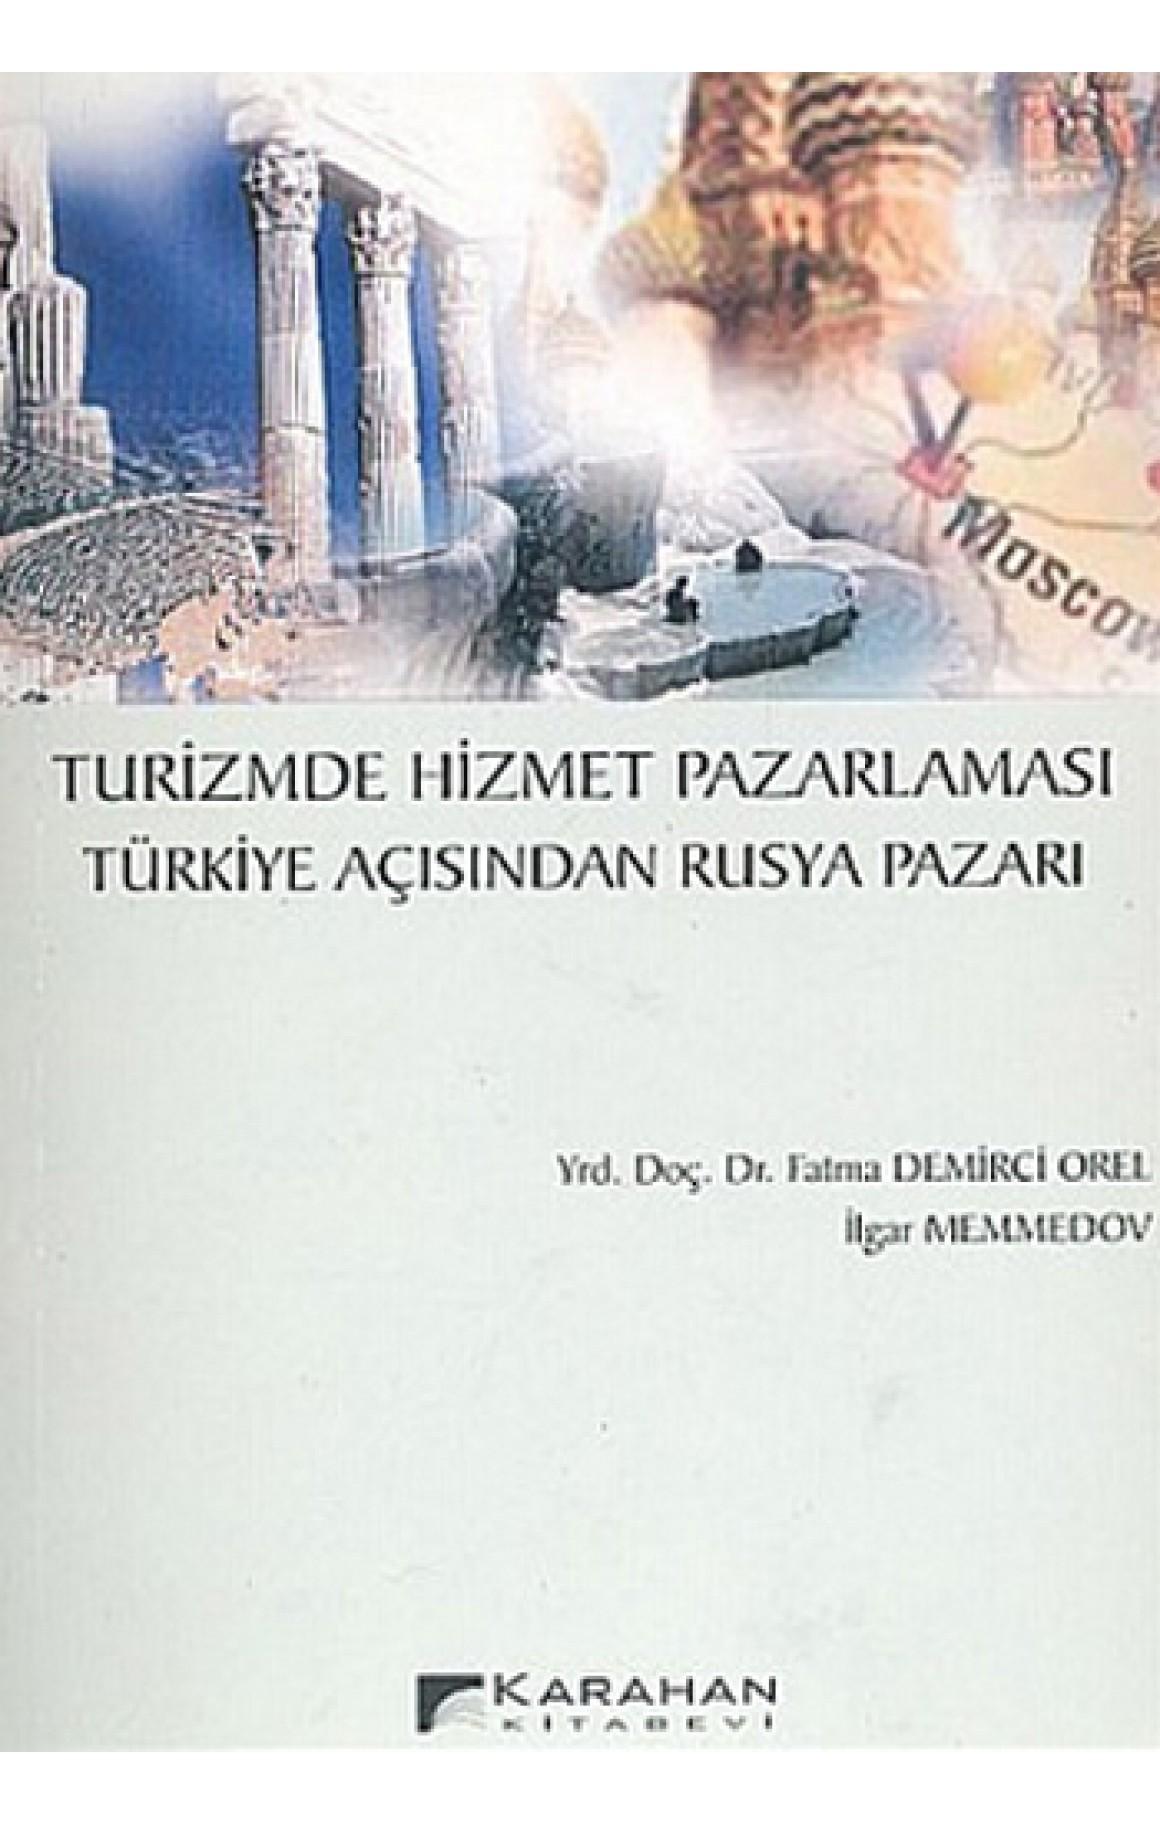 Turizmde Hizmet Pazarlaması Türkiye Açısından Rusya Pazarı